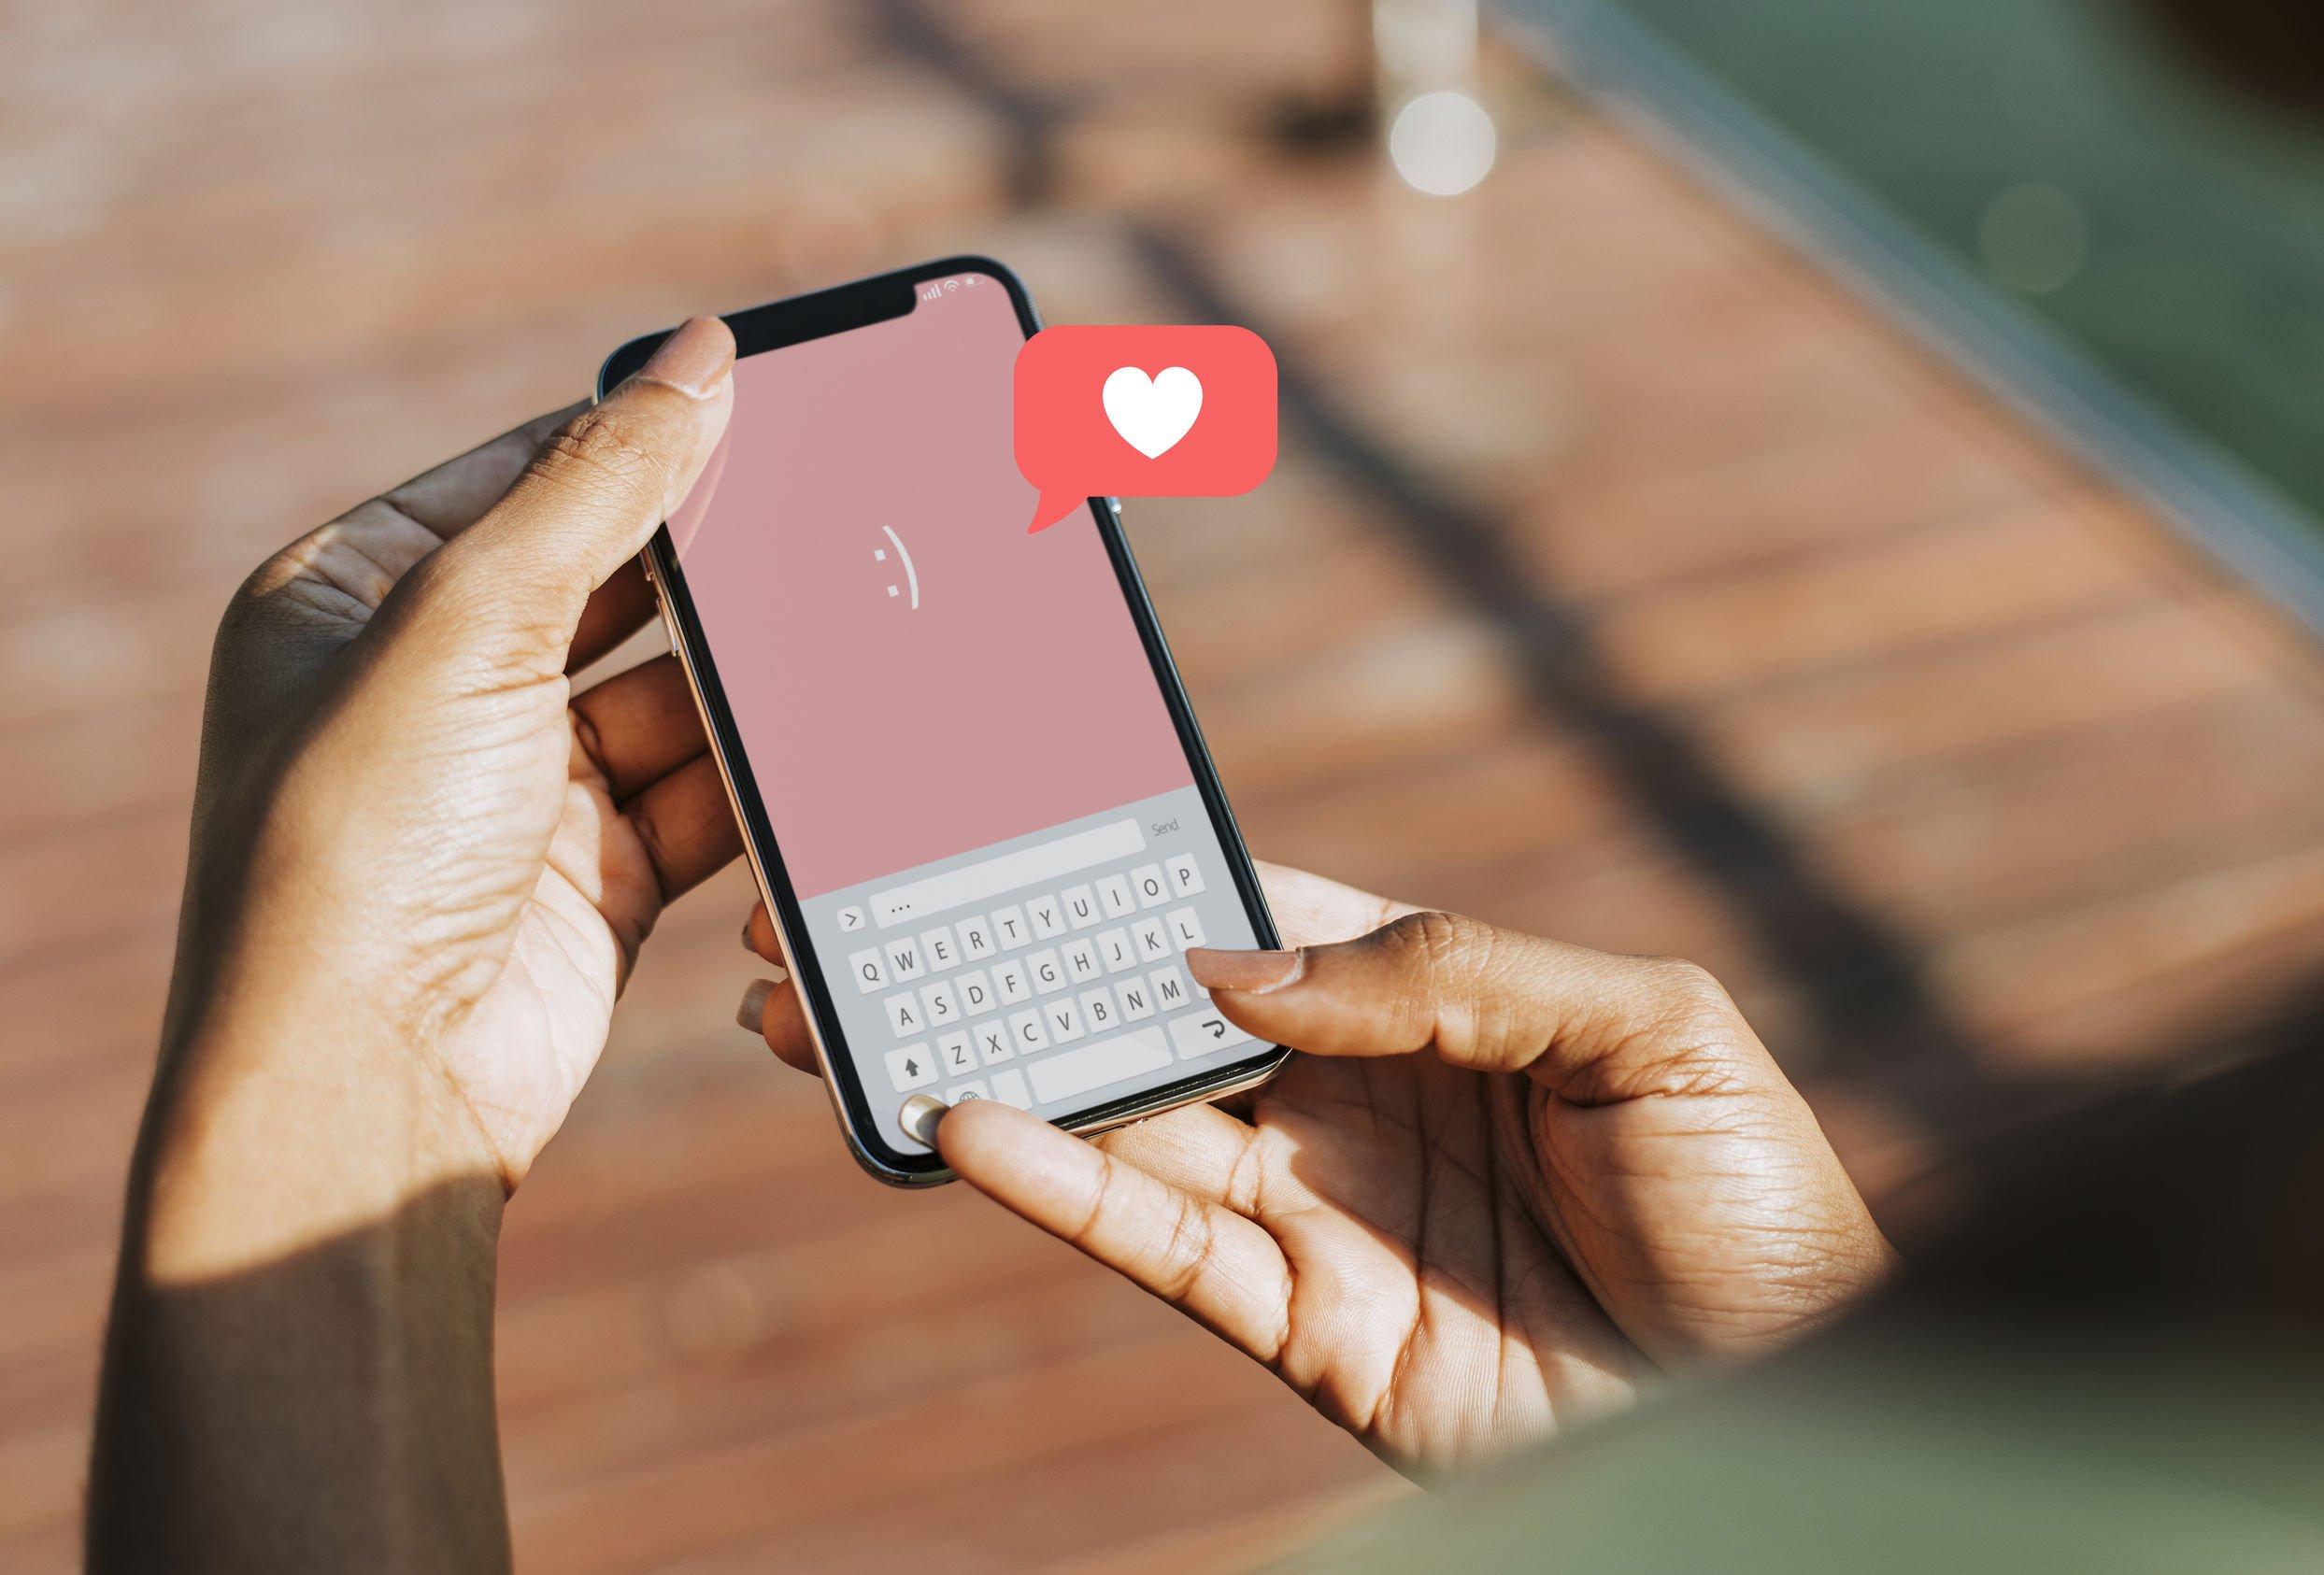 Frases De Amor Para Whatsapp Envie Uma Mensagem Romantica